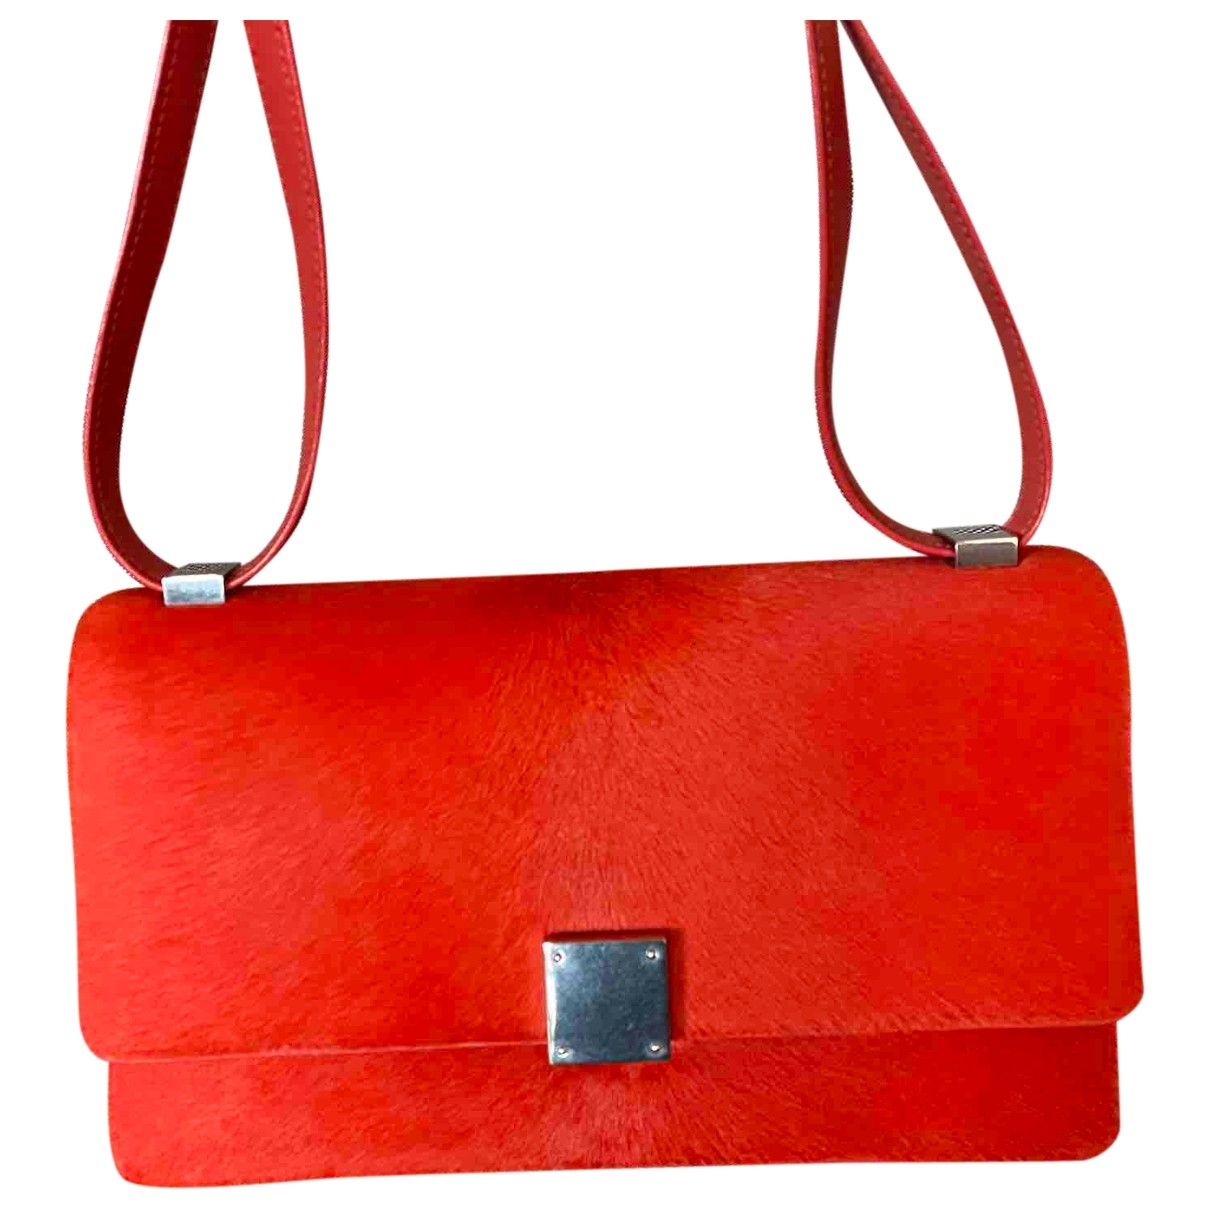 Celine - Sac a main Case flap pour femme en veau facon poulain - rouge